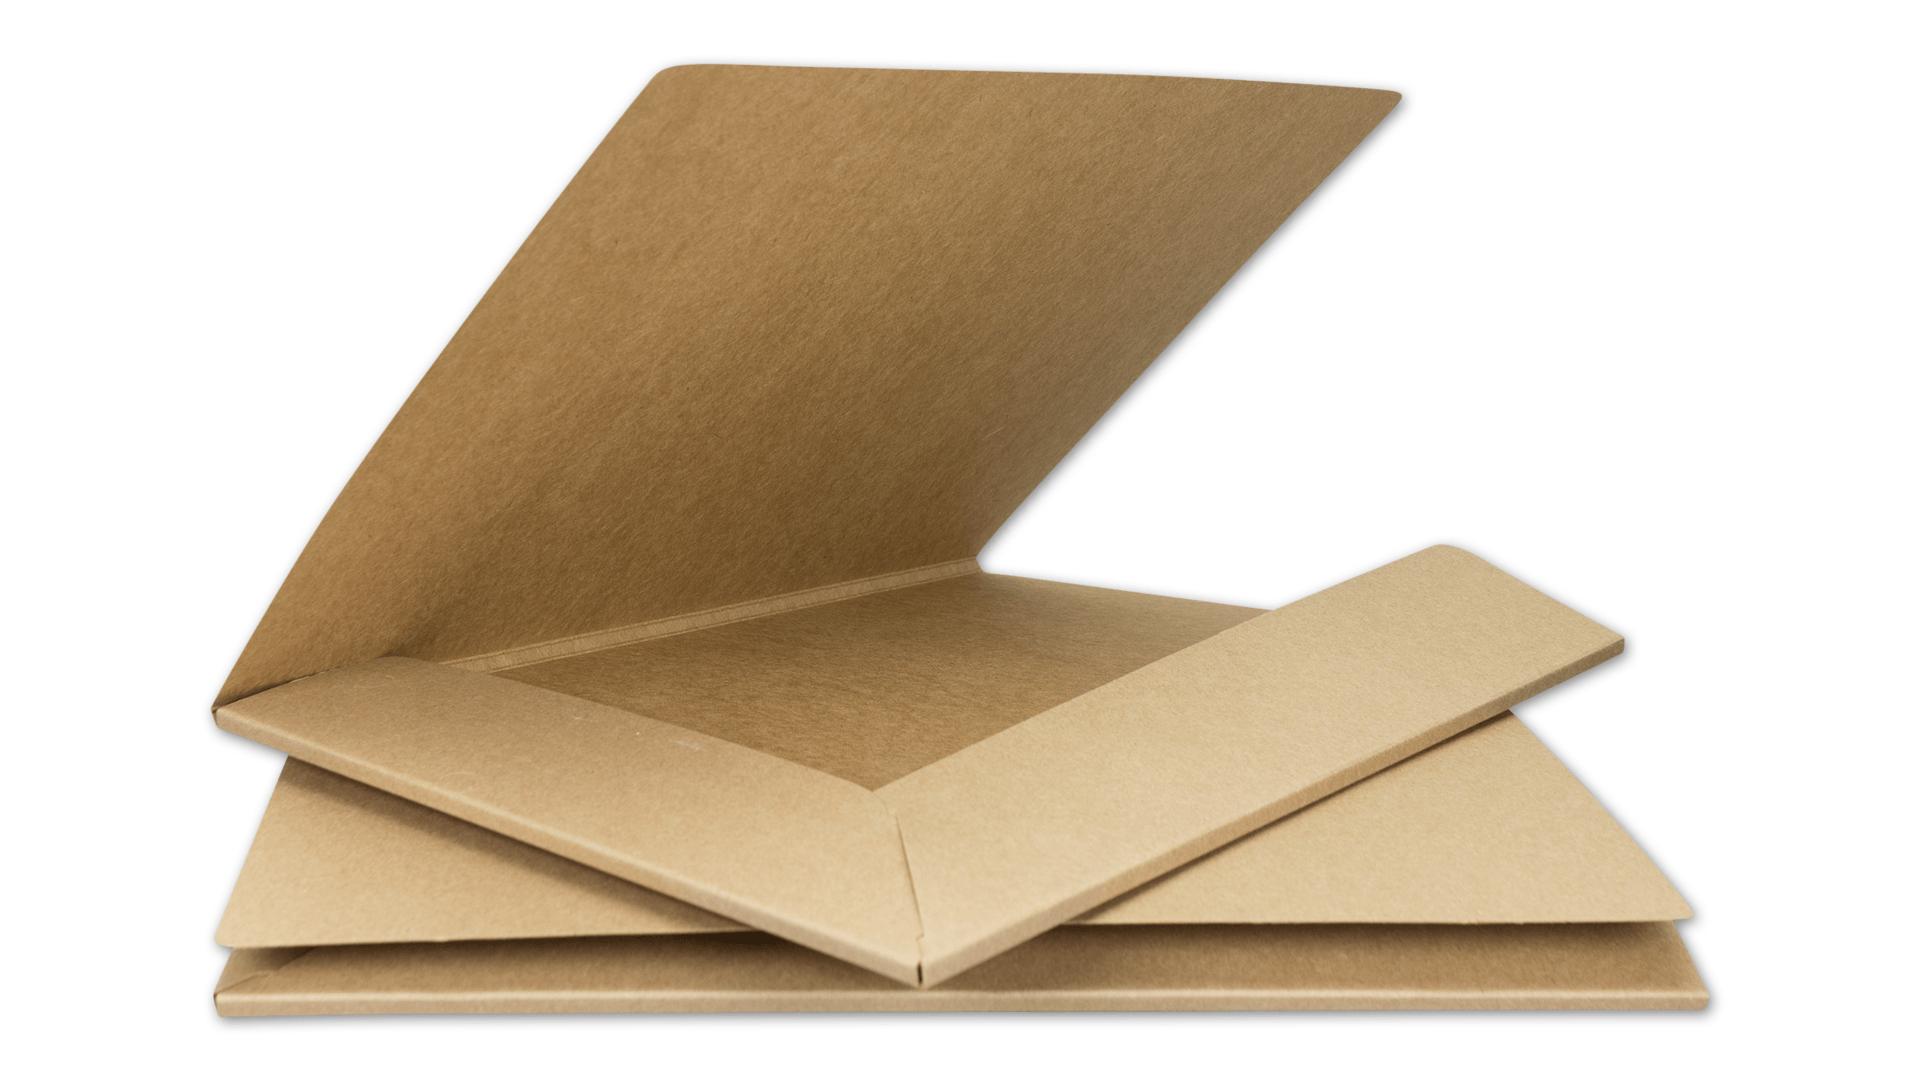 10 X Presentation Folder A4 Brown Cardboard 283 Gsm